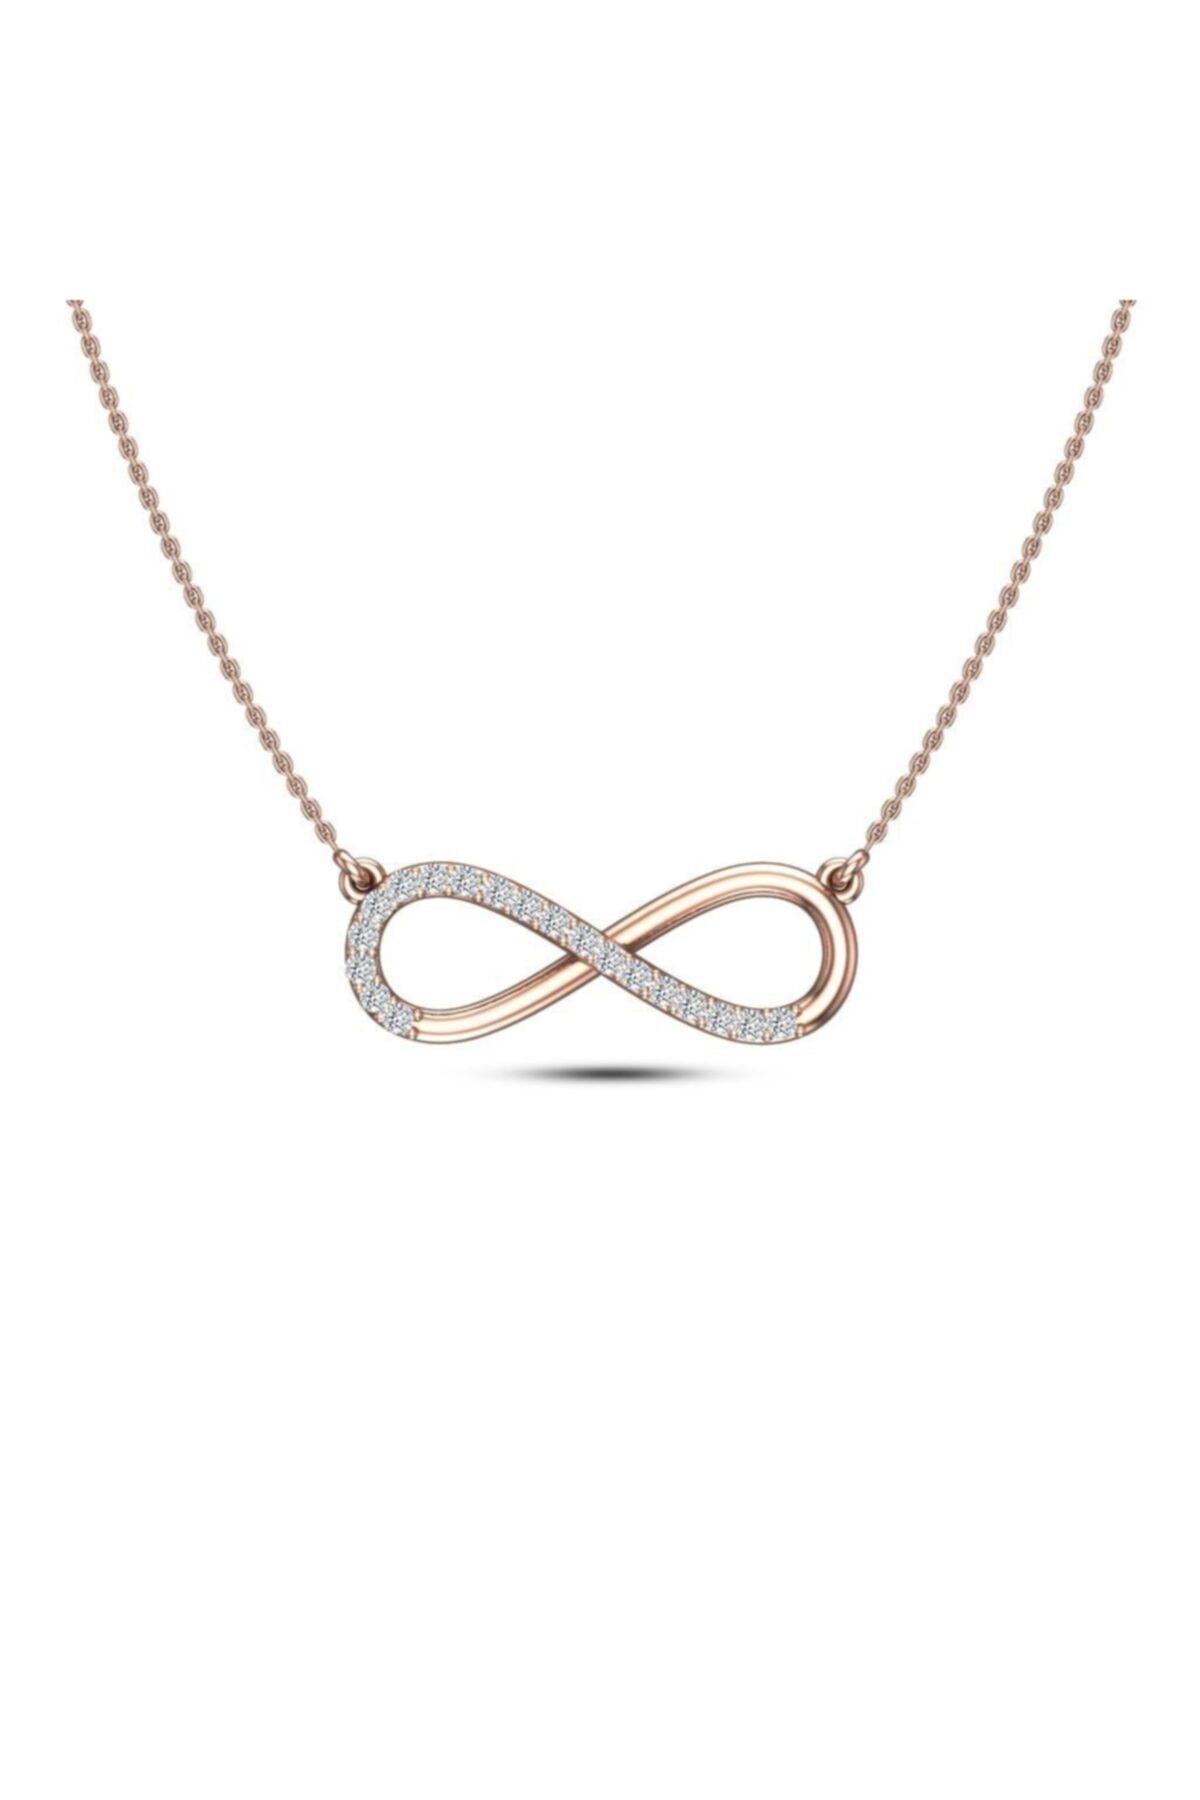 خرید نقدی گردنبند زنانه فروشگاه اینترنتی برند Silvanit Pırlanta رنگ نقره ای کد ty69469981